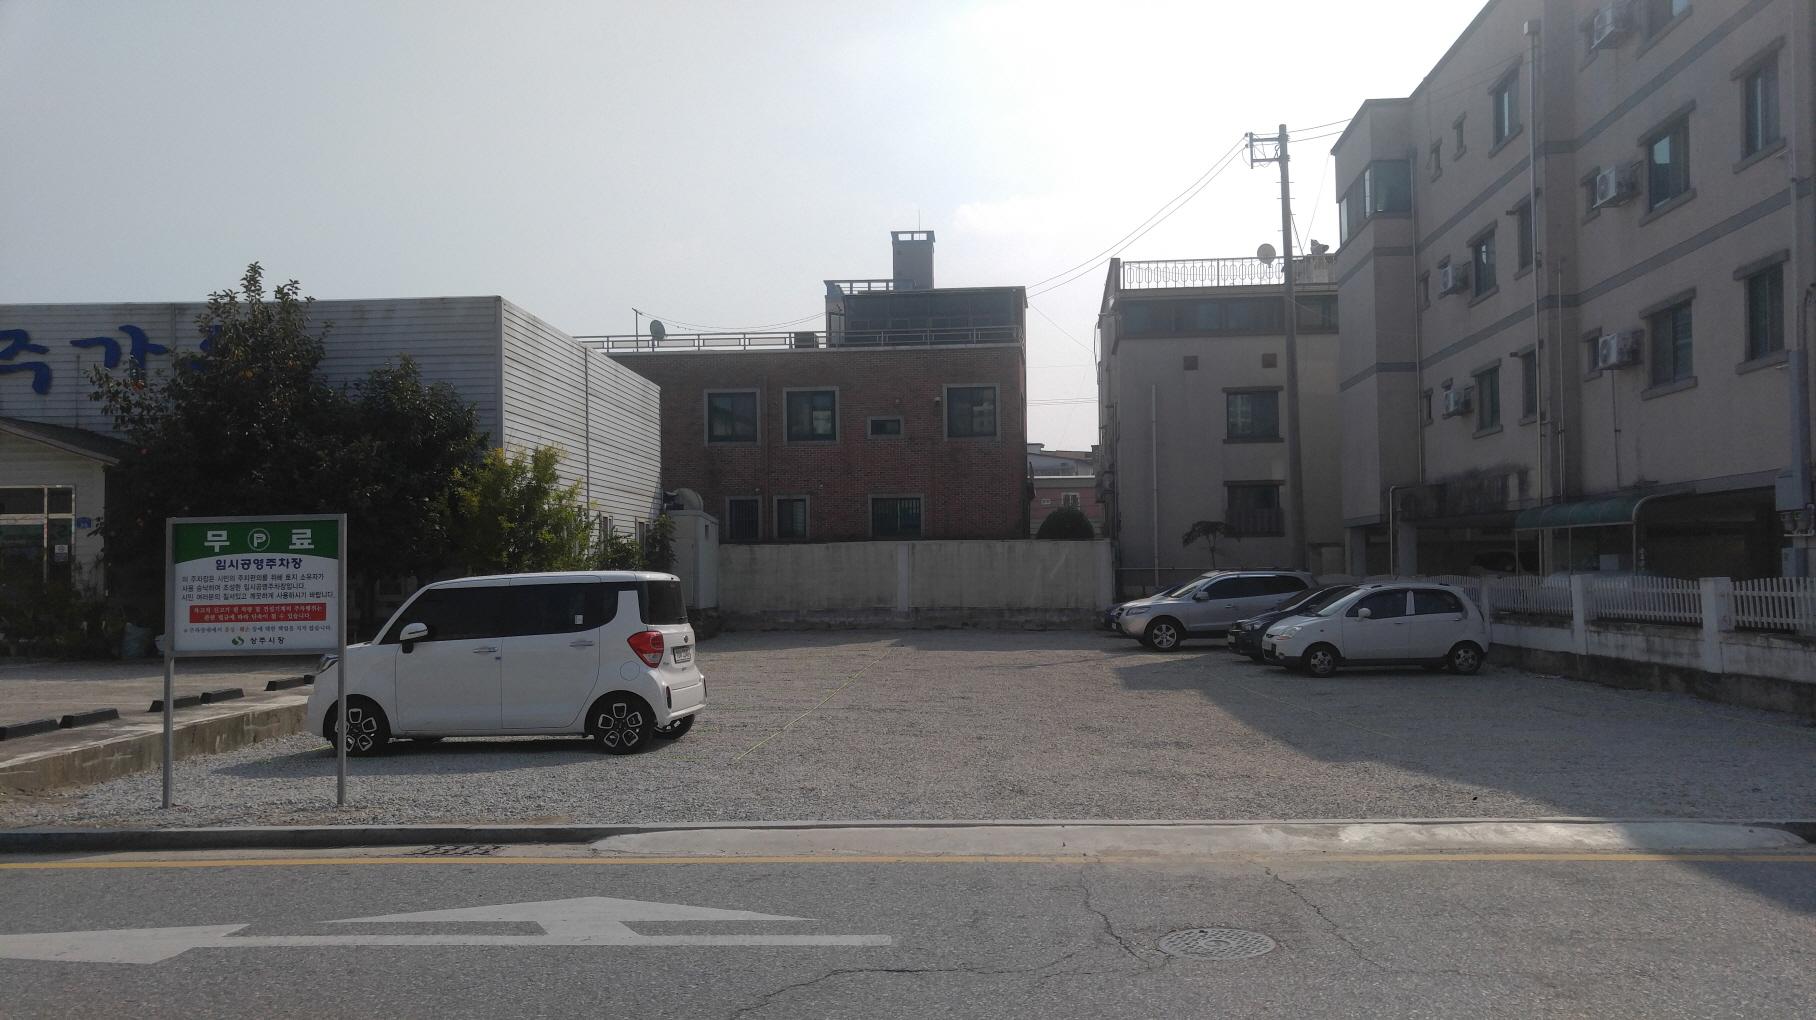 [북문동]주차할 곳이 없으신가요 공영주차장으로 오세요.jpg